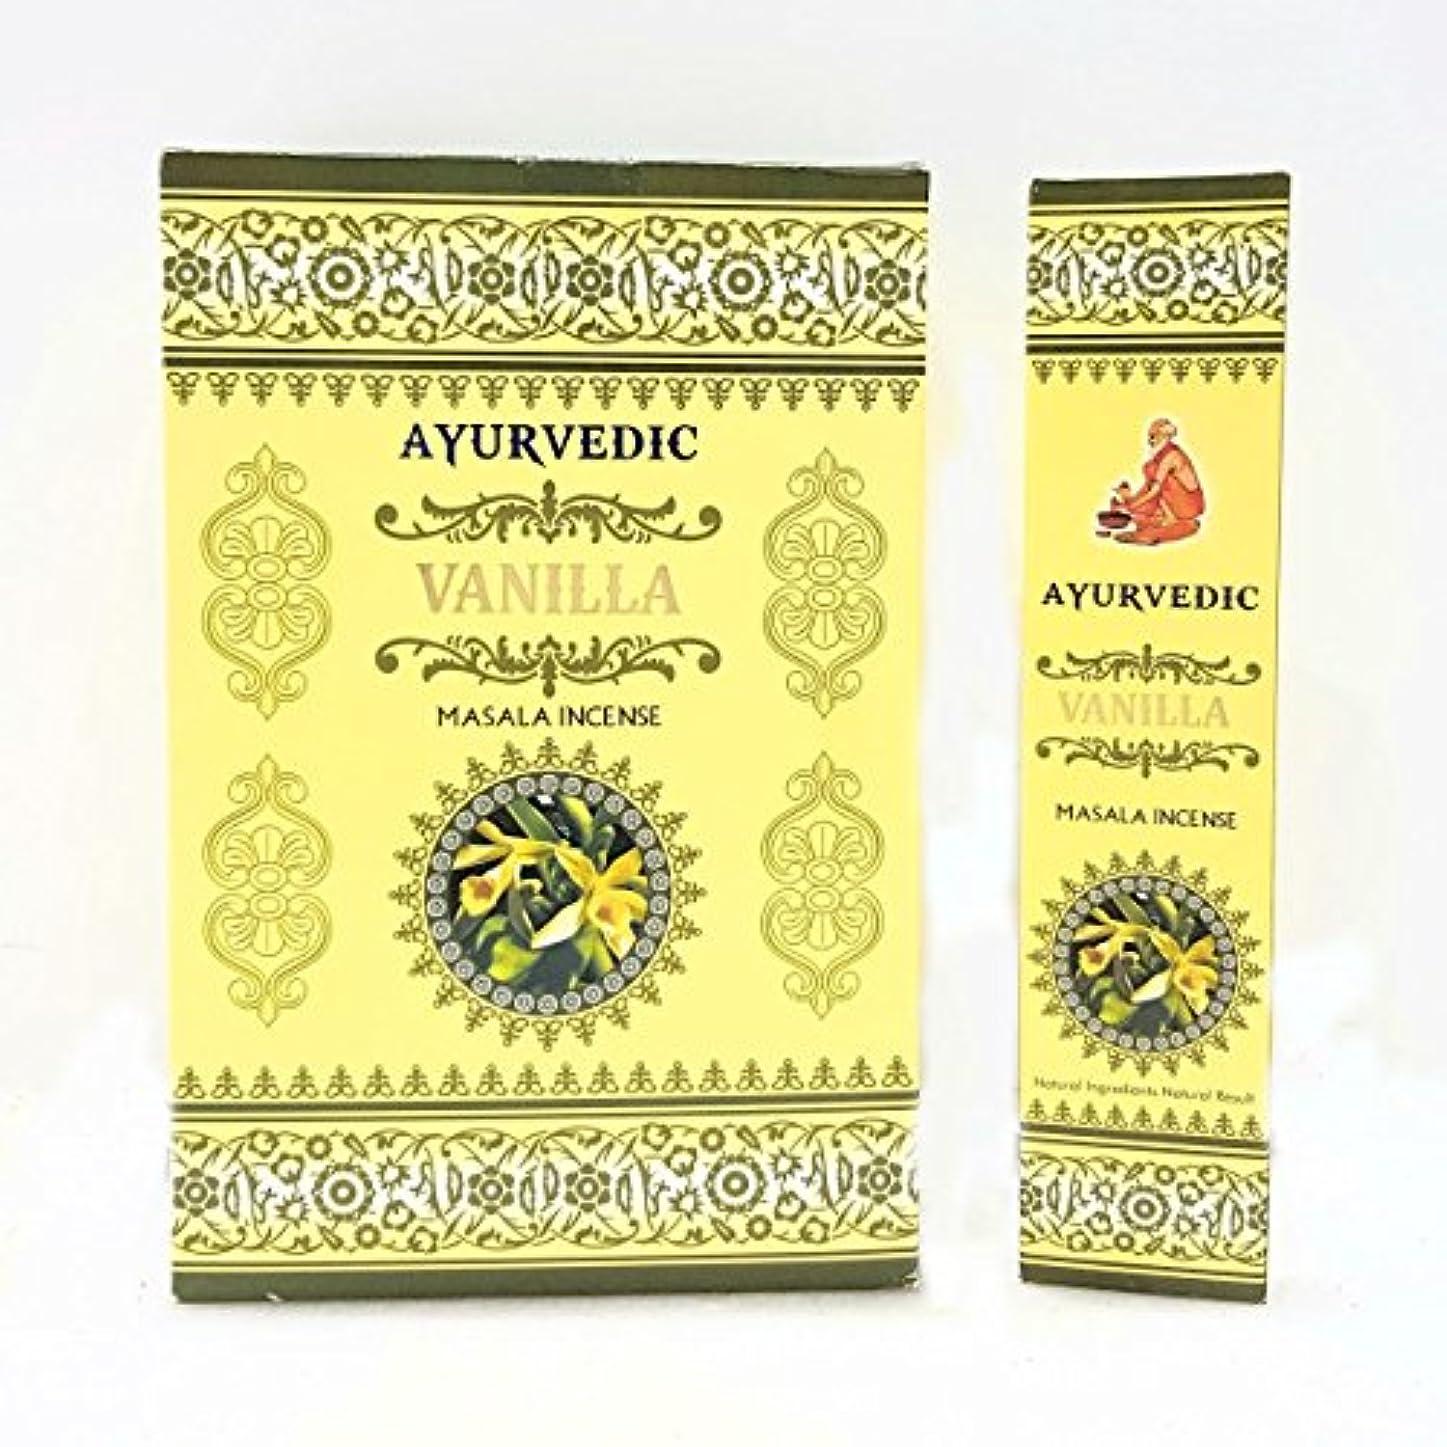 ゲージ気絶させる群衆アーユルヴェーダバニラMasala Incense Sticks Agarbatti (12パックX 15 Sticks各)